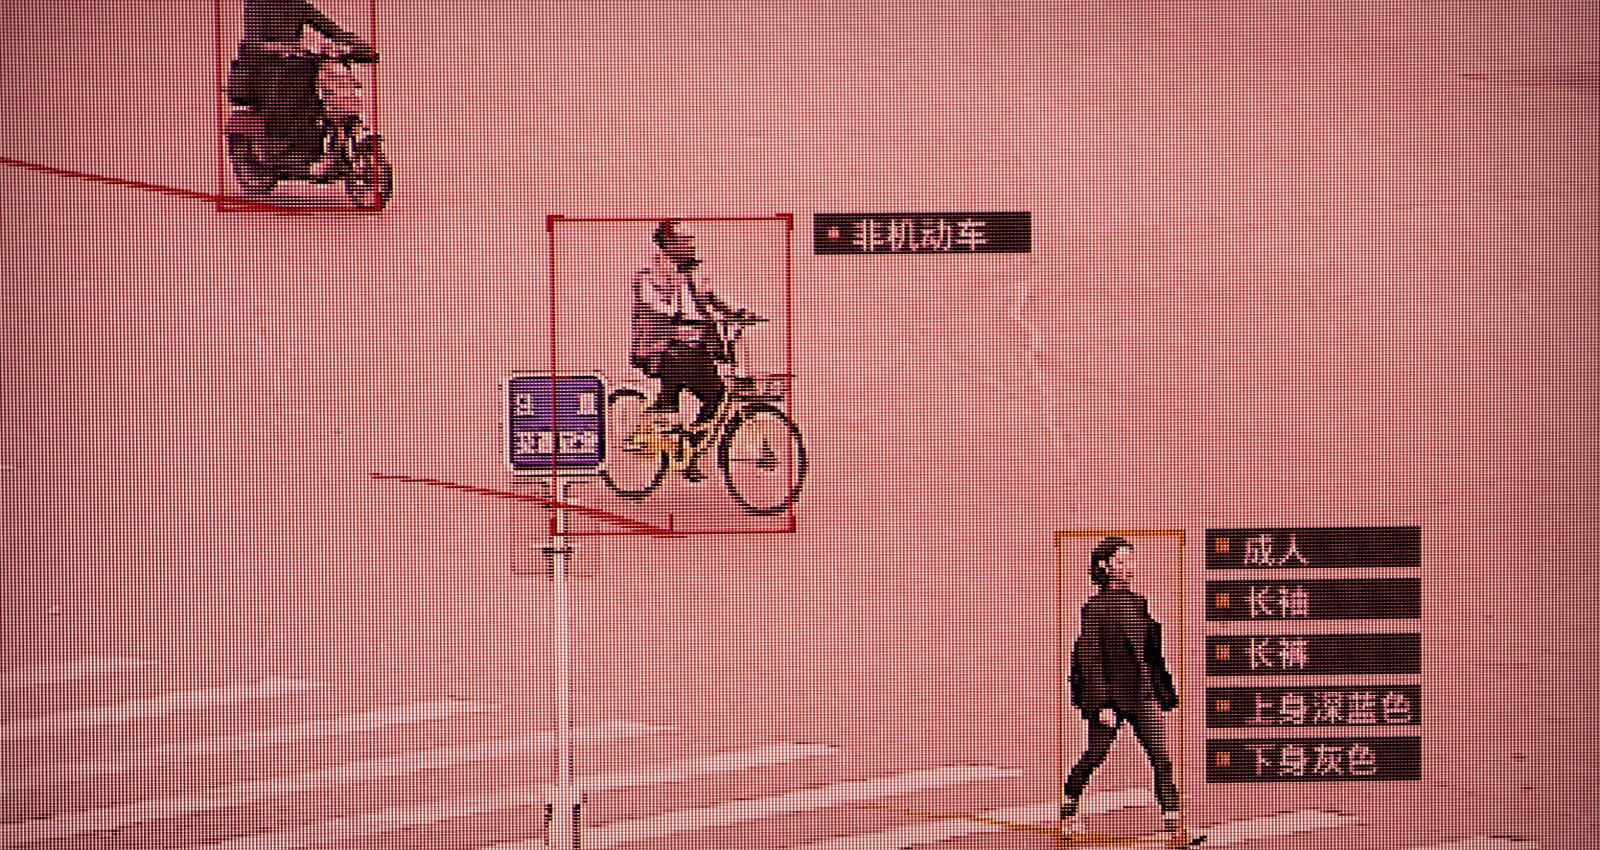 Ķīniešu izspiegošanas sistēmas dodas pasaulē